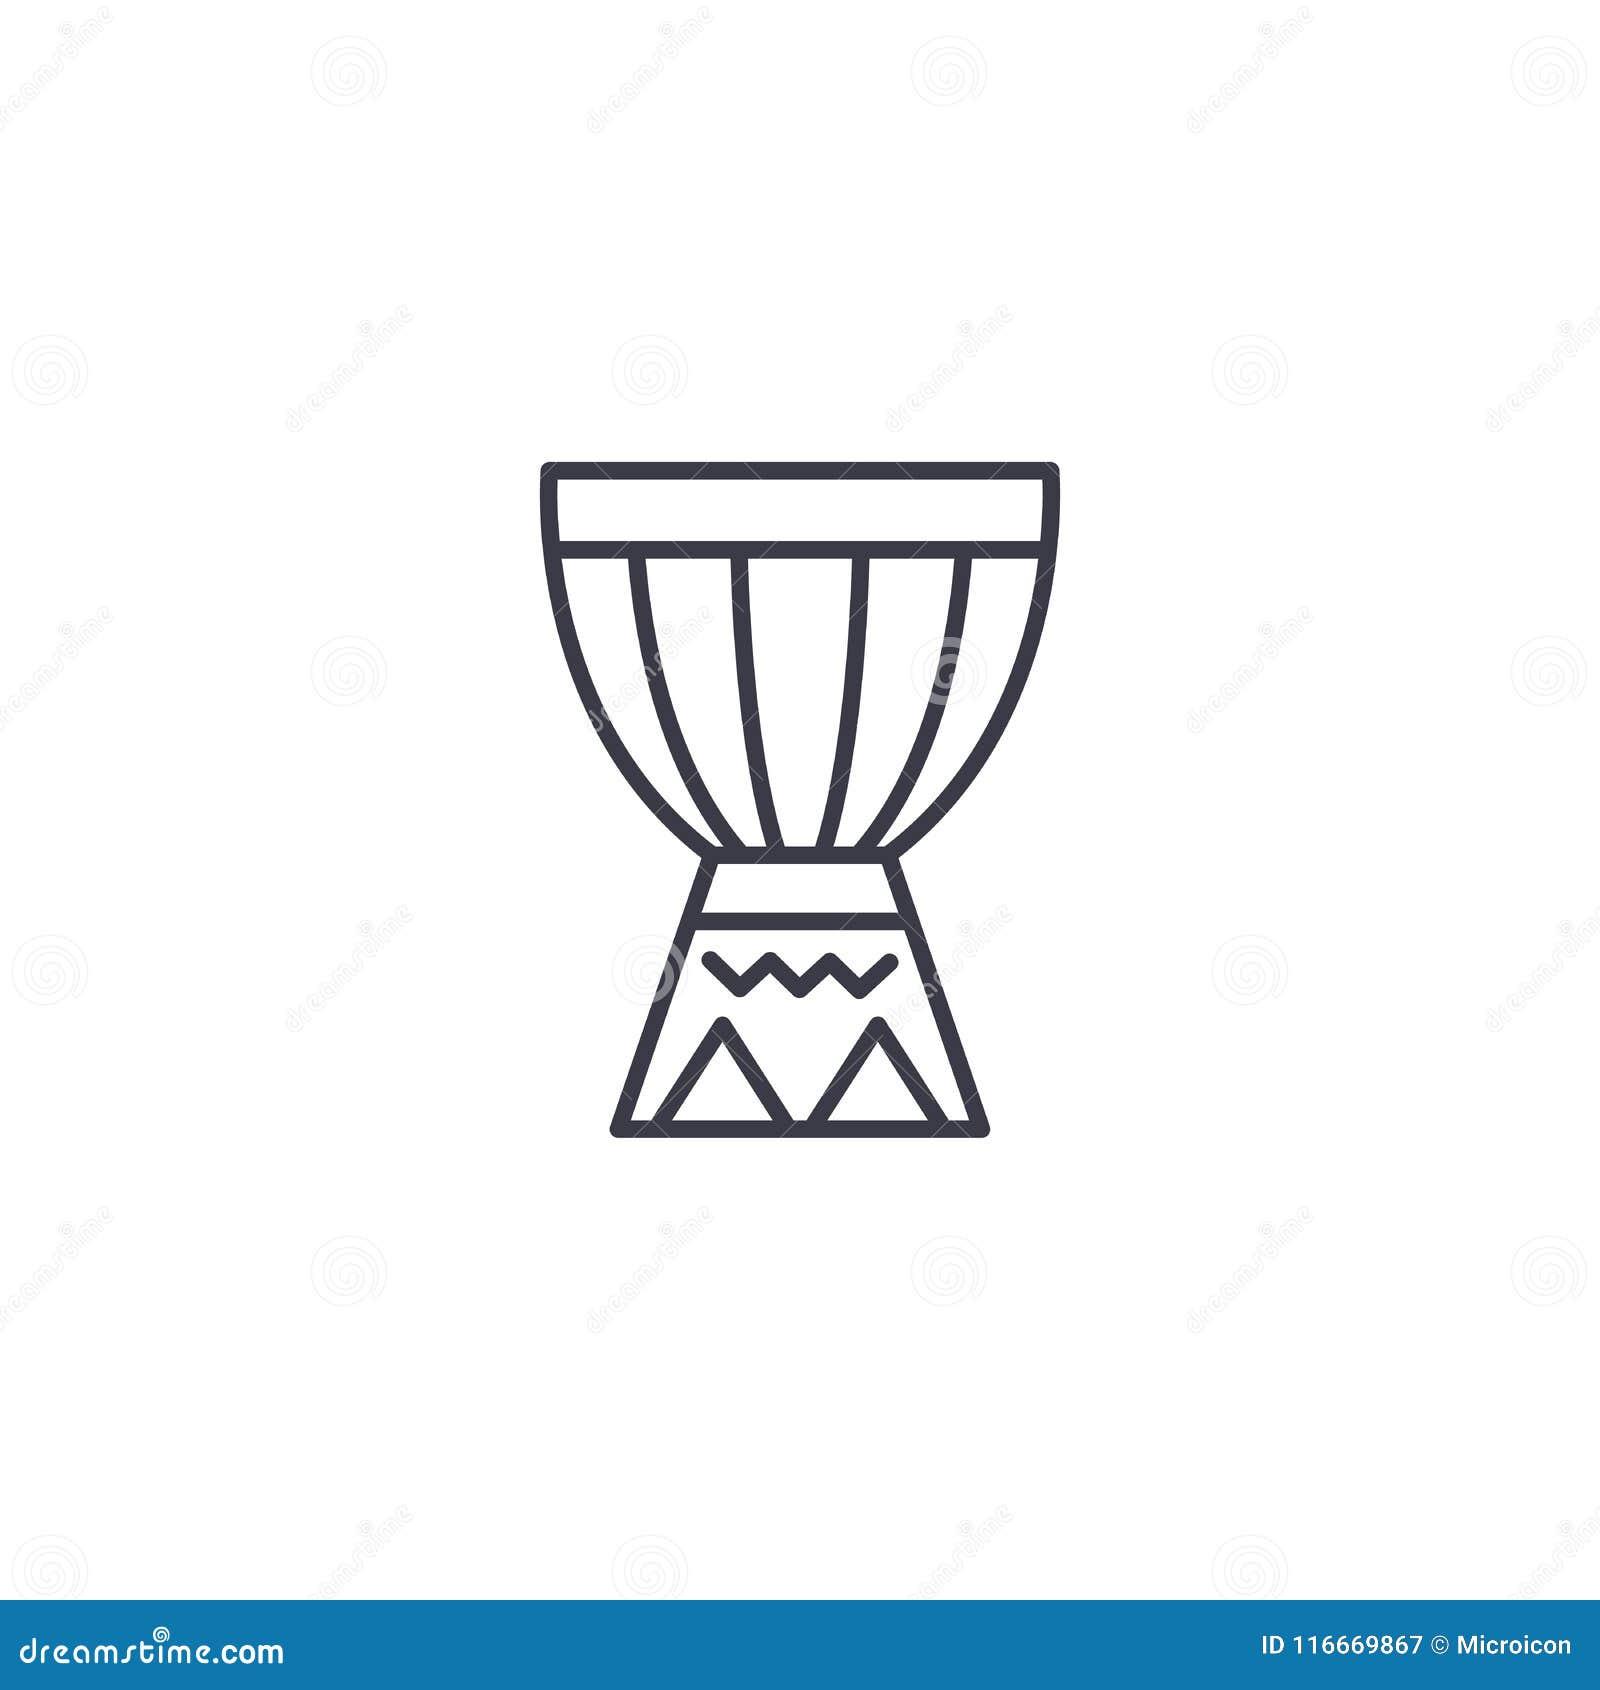 Het Afrikaanse concept van het trommel lineaire pictogram Het Afrikaanse vectorteken van de trommellijn, symbool, illustratie